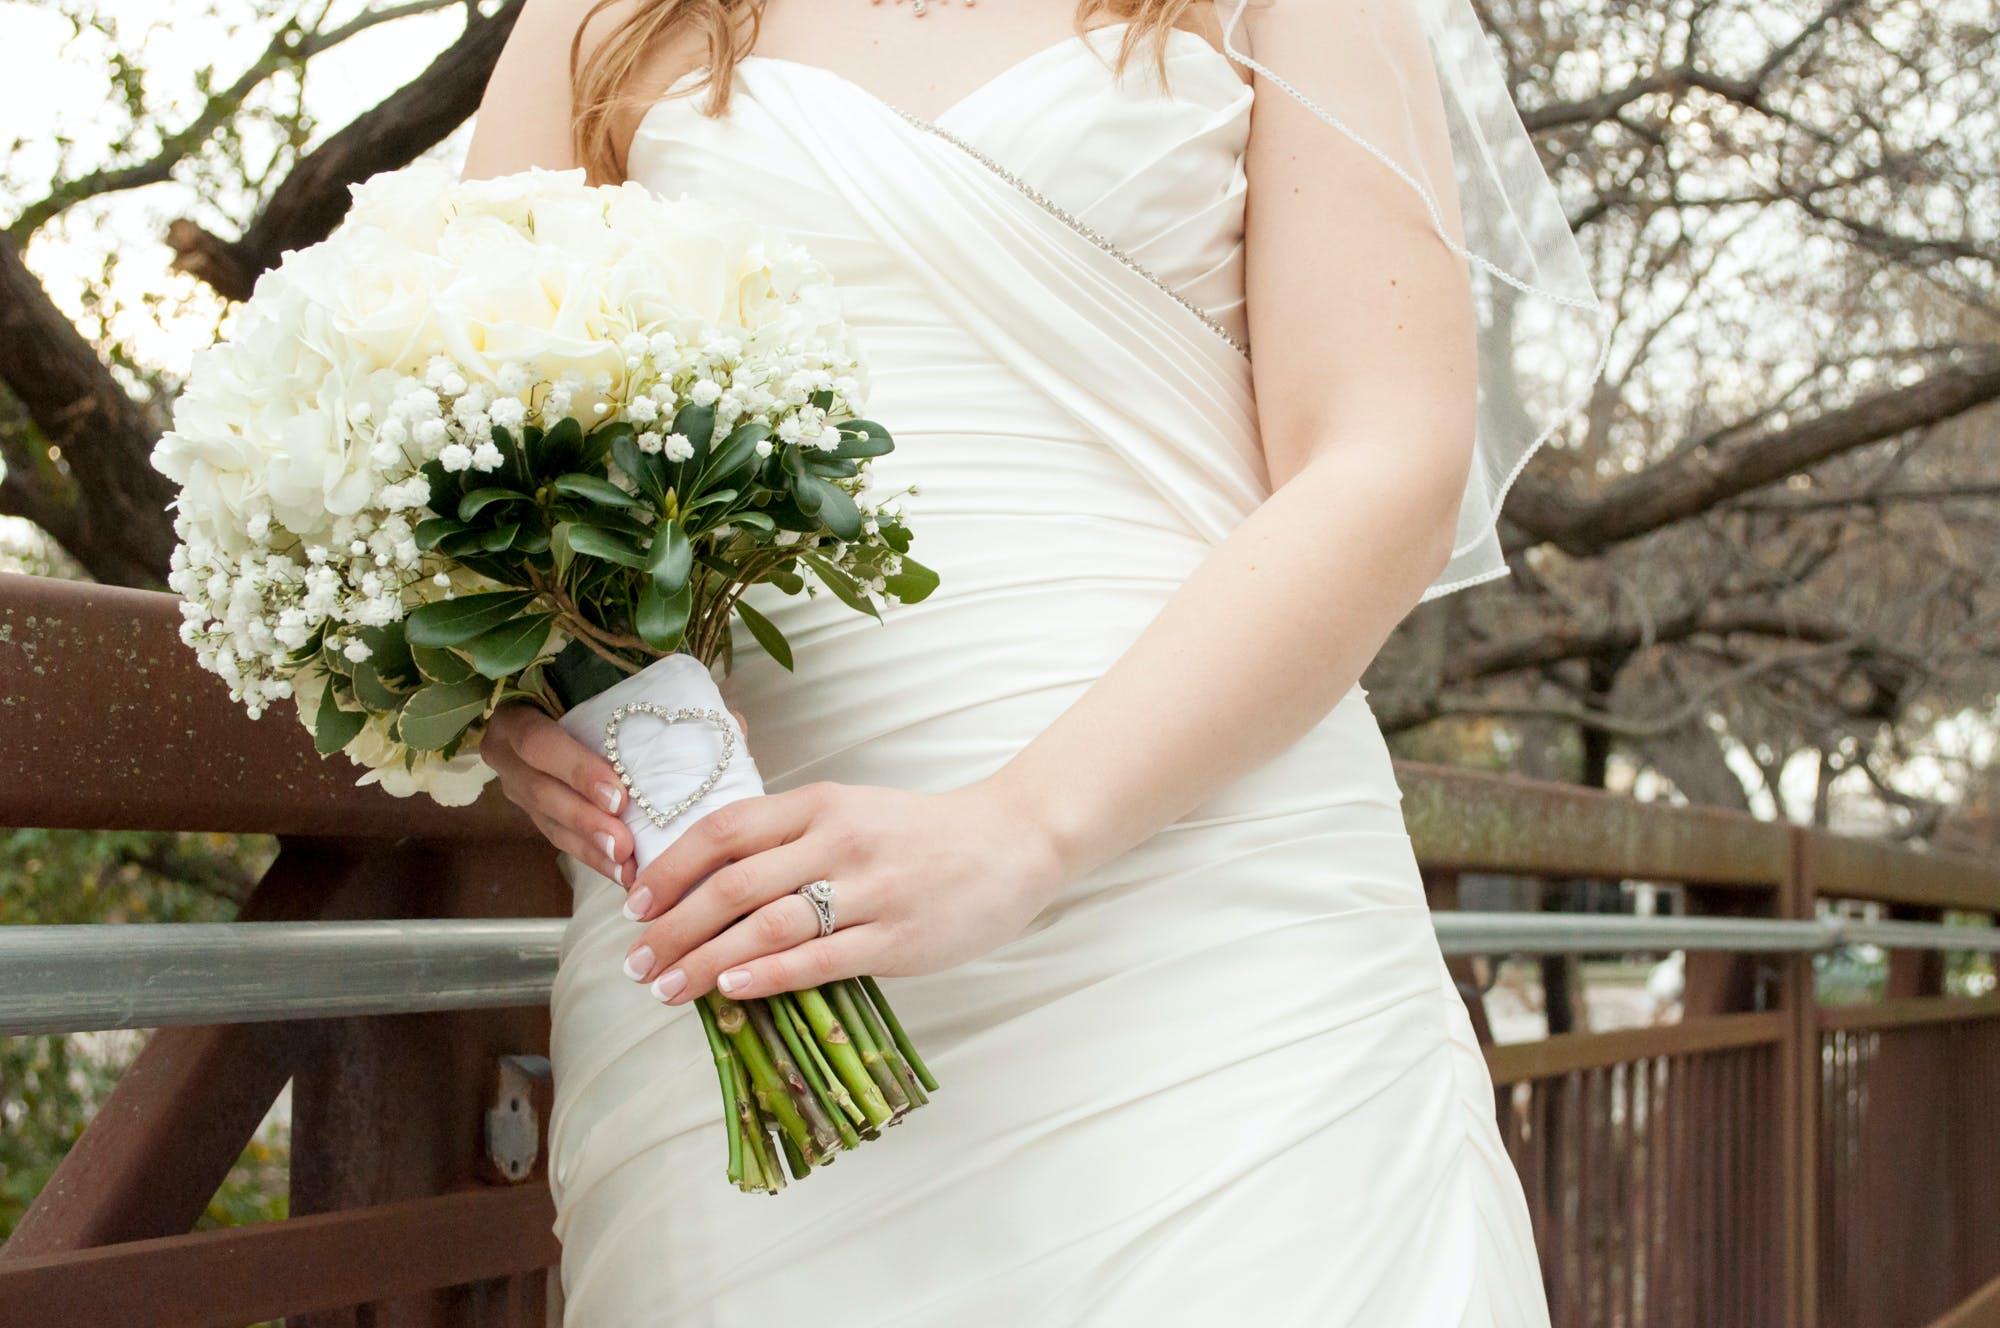 꽃, 다리, 부케, 손의 무료 스톡 사진